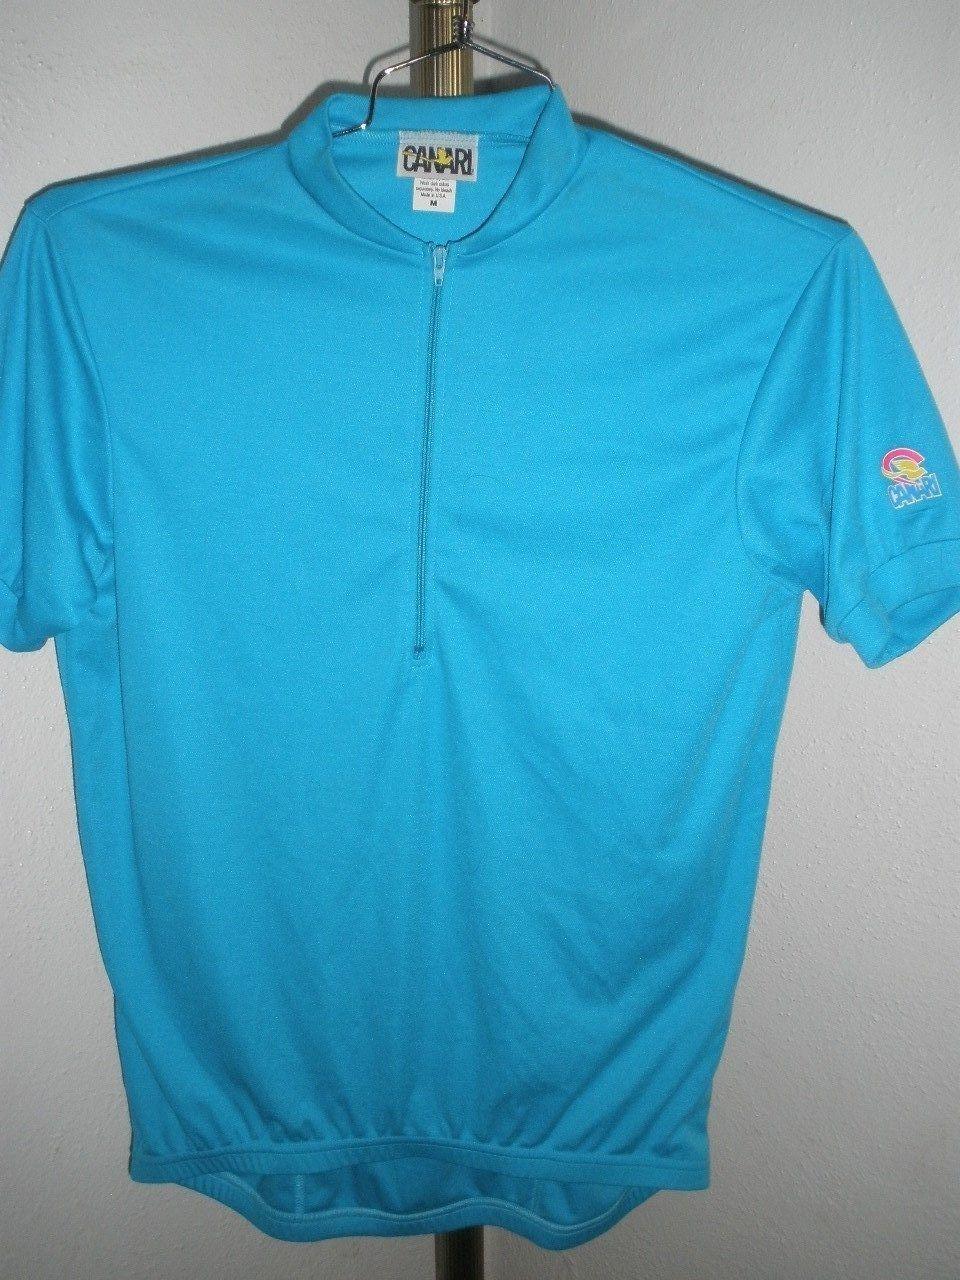 S l1600. S l1600. Previous. Men s Canari 1 2 Zip Softec Polyester Cotton Cycling  Jersey Capri Blue Sz Medium 1cd518185